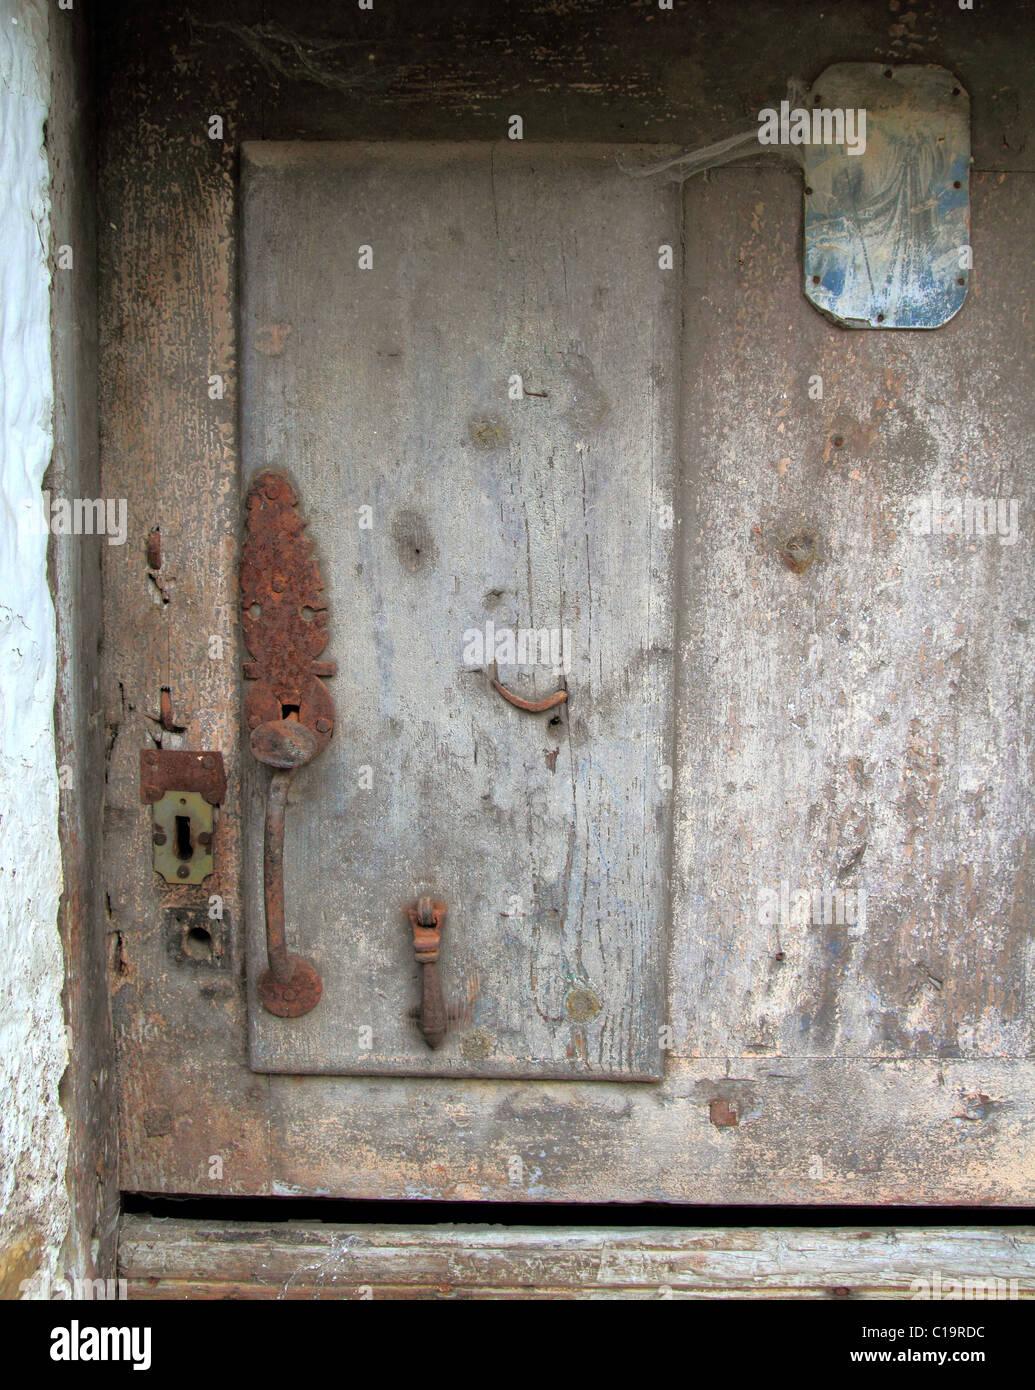 Età compresa tra le porte in legno stagionato architettura vintage dettaglio Immagini Stock